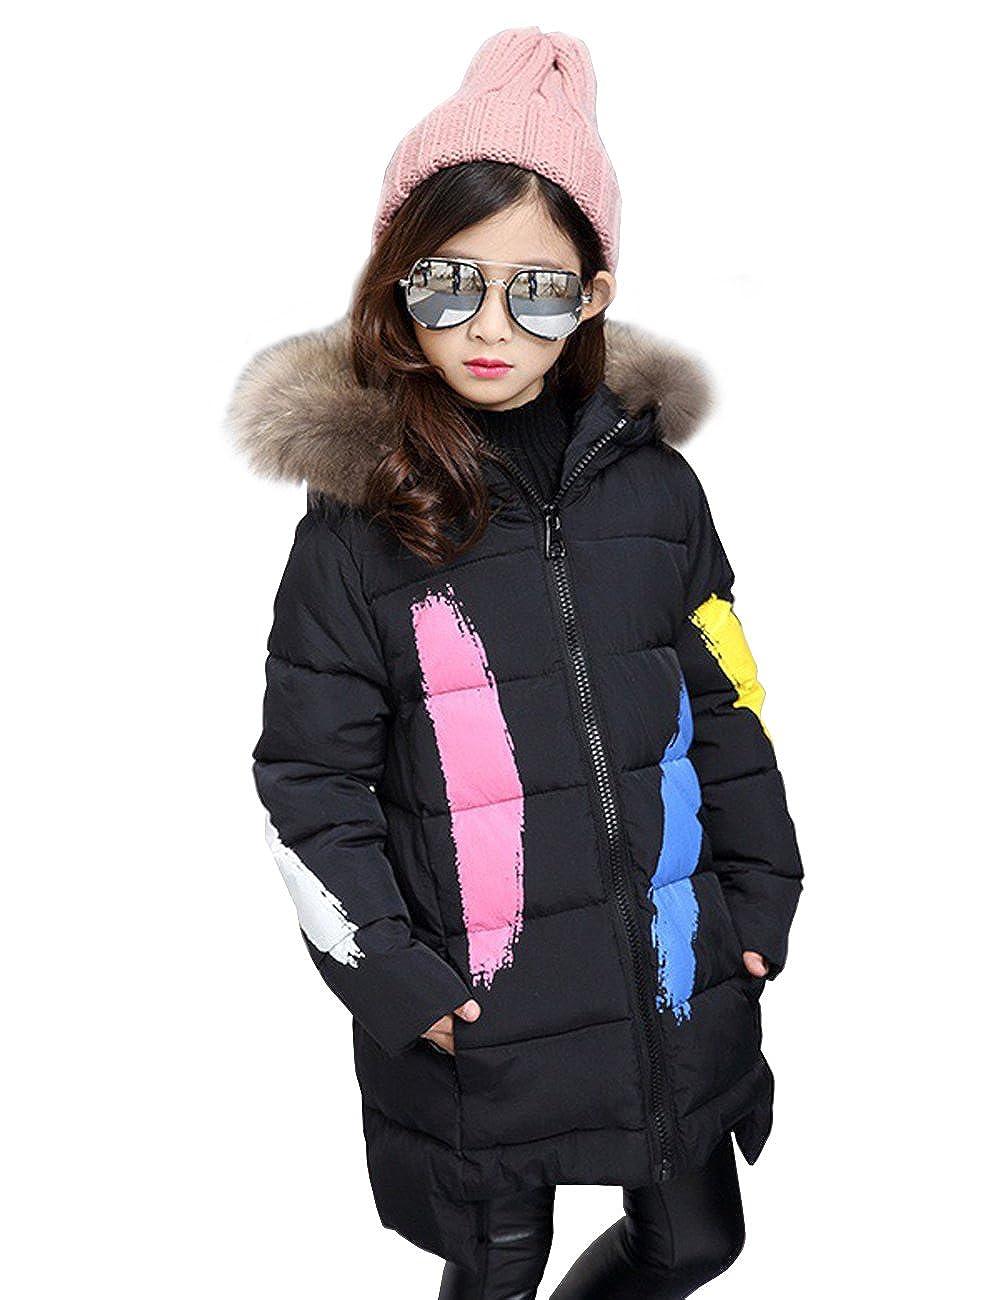 MOKAYA Girls Down Fur Hooded Zipper Jacket Winter Warm Outwear Winter Coat